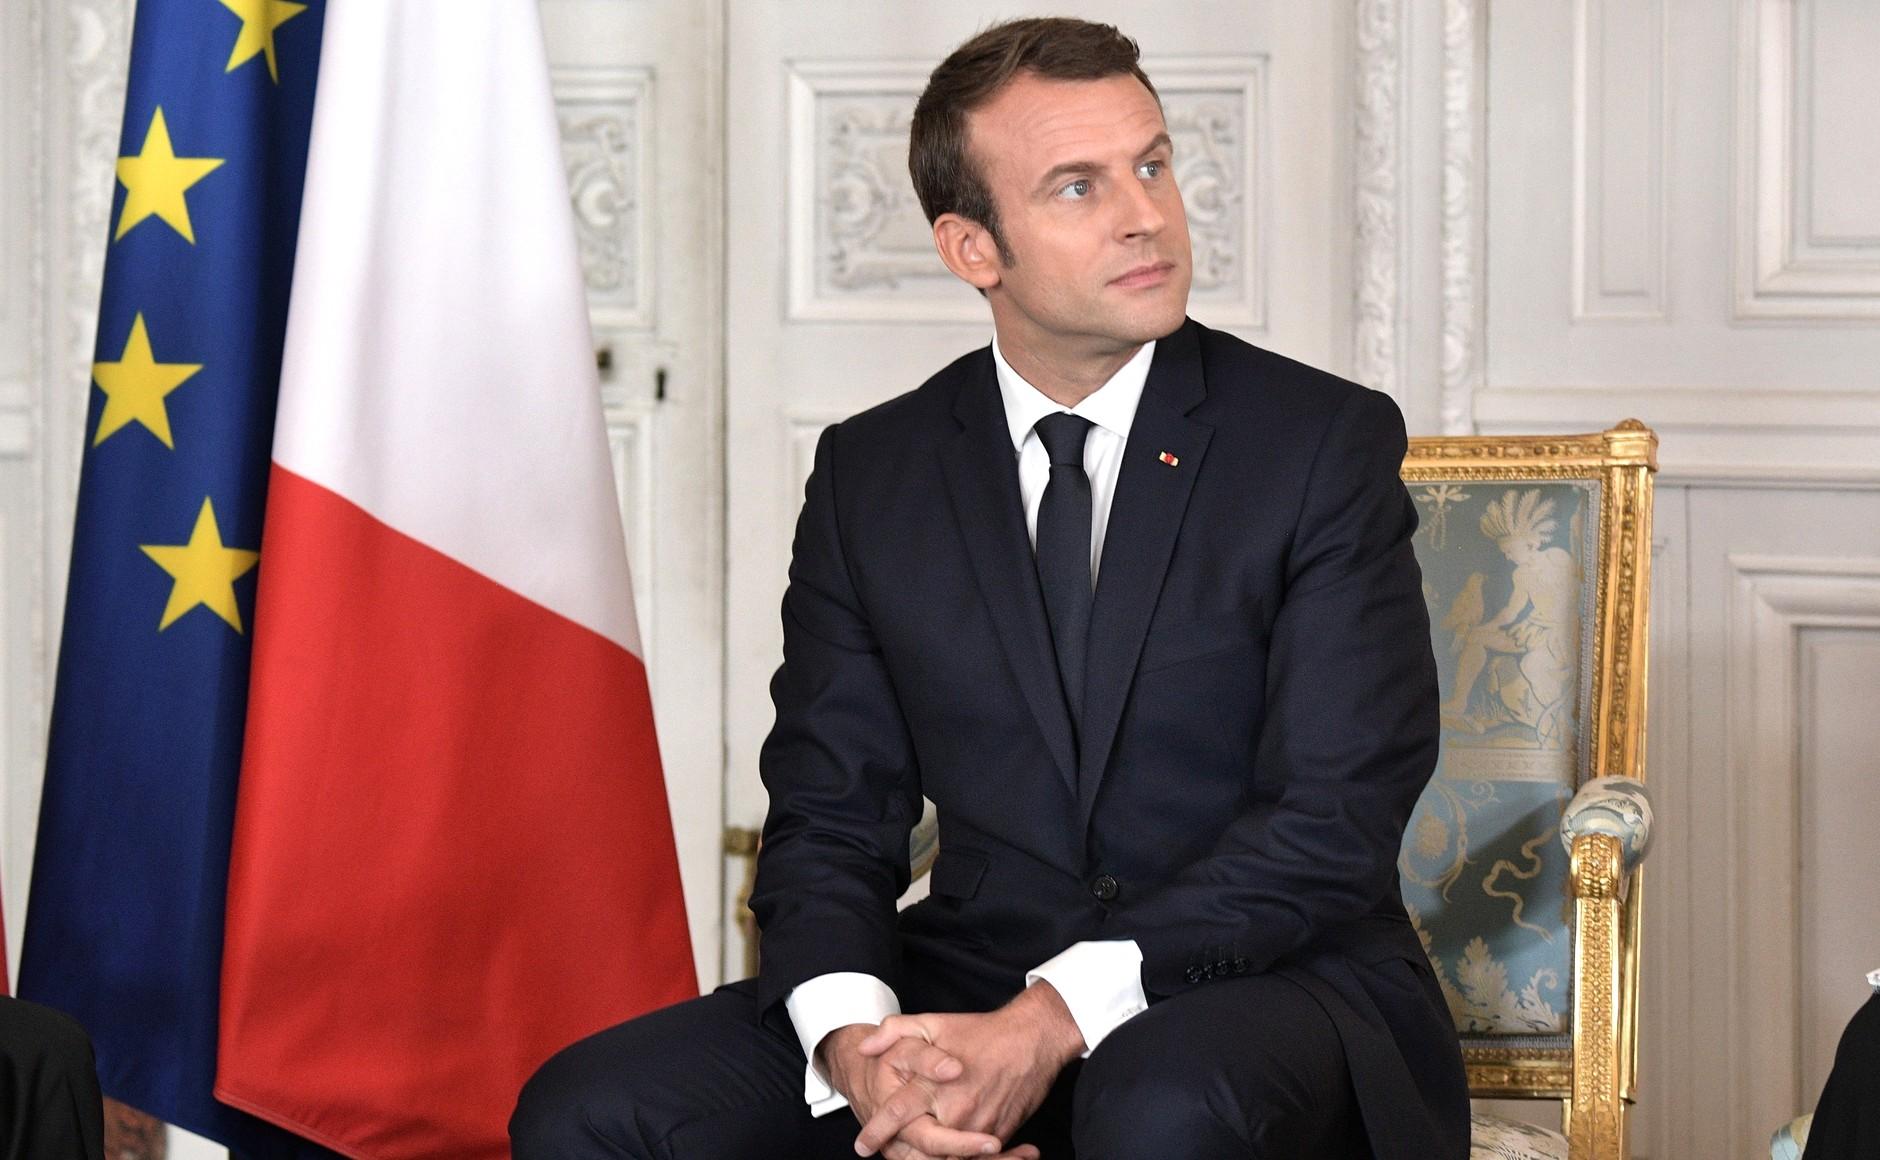 Macron flat tax projet